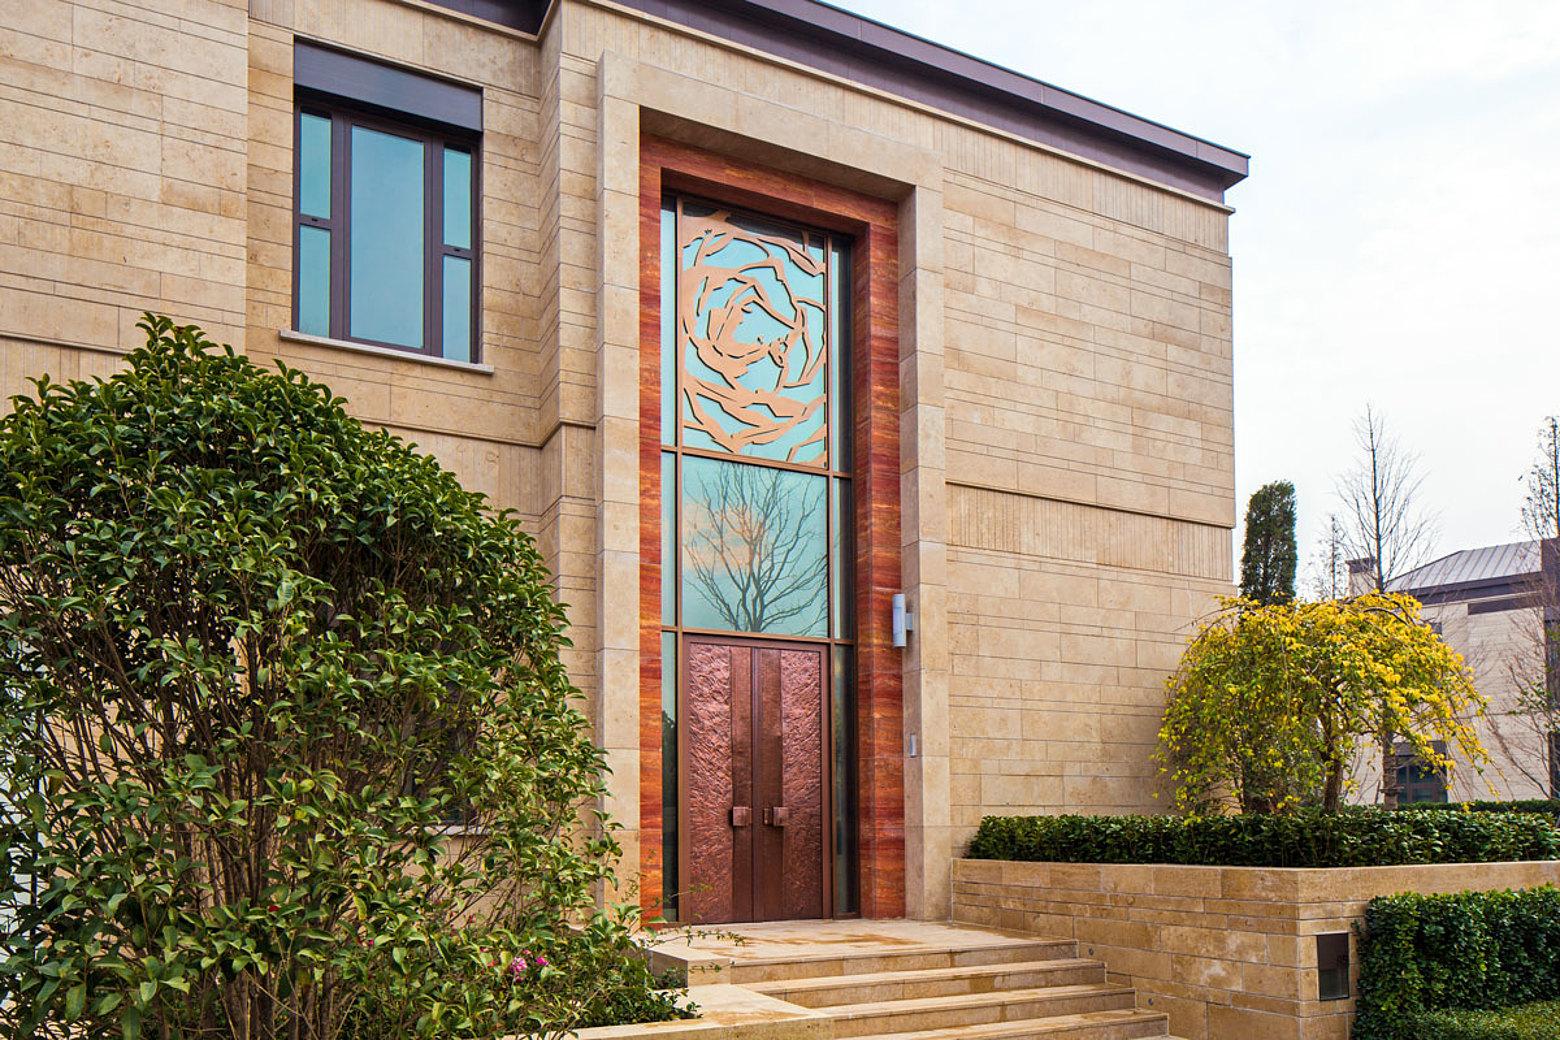 Wärmegedämmte Fassade in Pfosten-Riegel Konstruktion aus Stahl. Verwendet wurde das Profilsystem forster thermfix vario. Kingdom Villa Shanghai, China